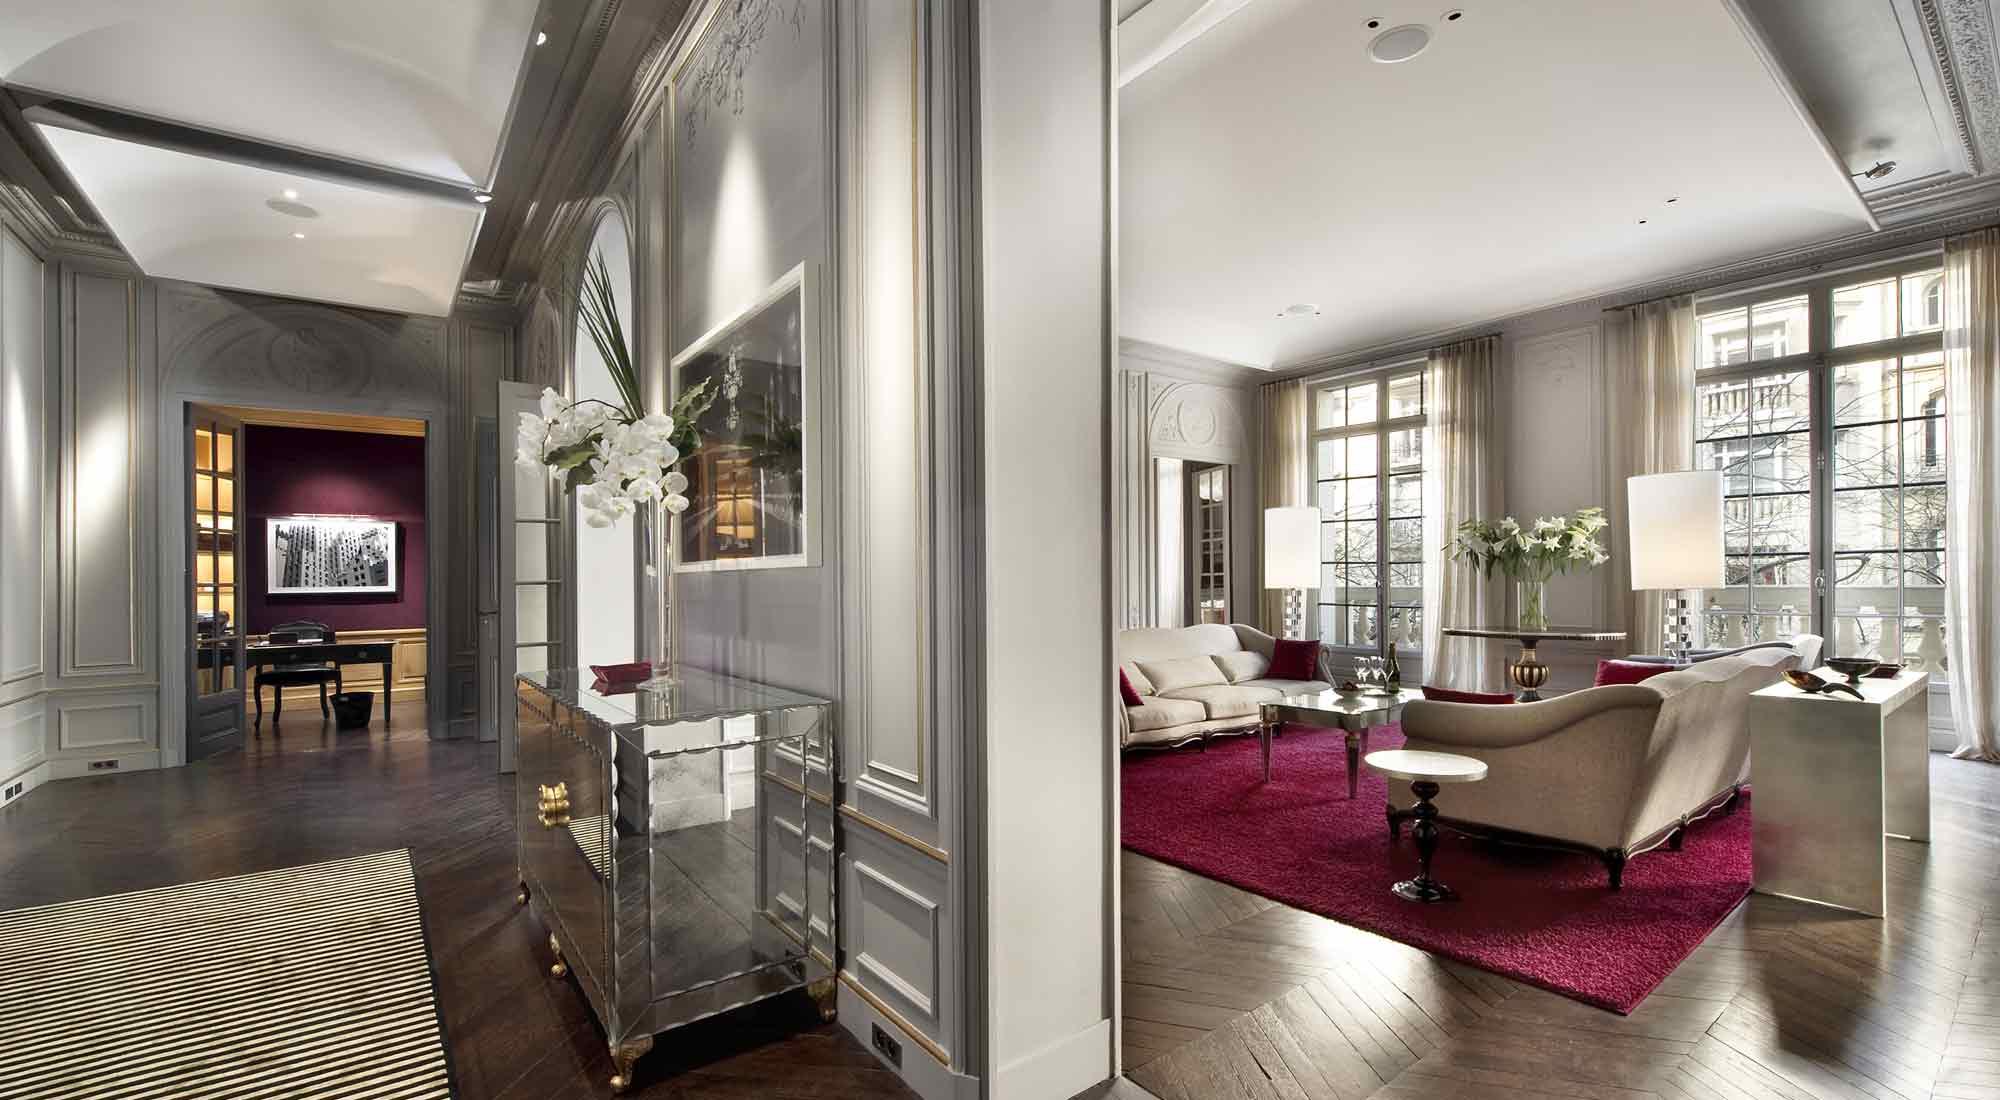 Best Kitchen Gallery: Paris Luxury Apartment For Rent 16th Casol Villas France of Apartment In Paris  on rachelxblog.com